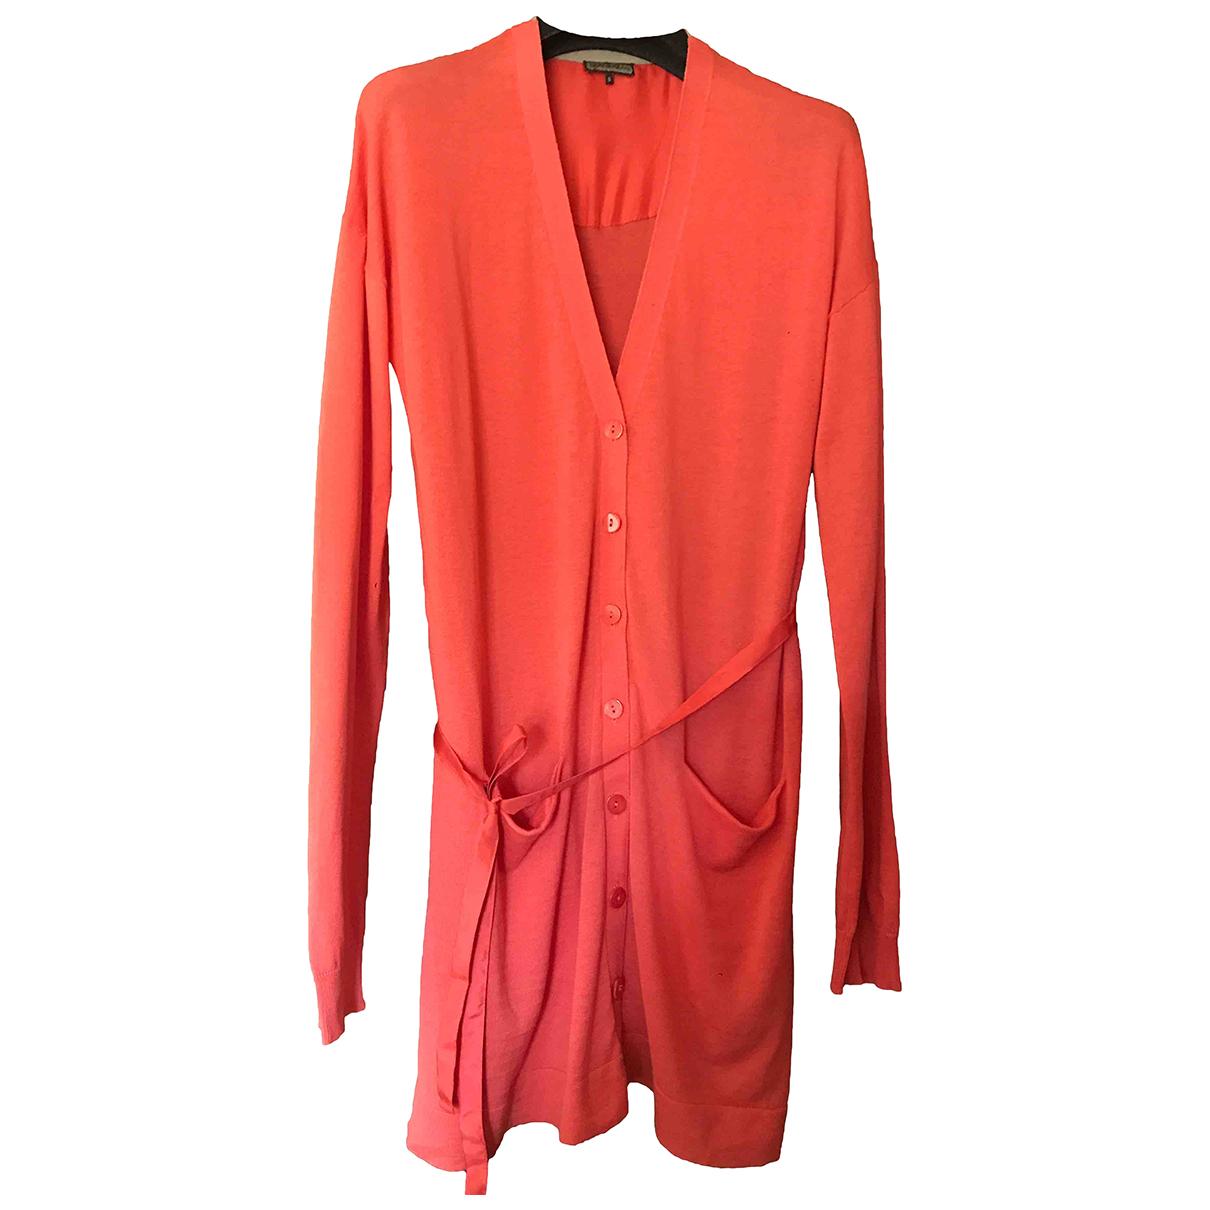 Maliparmi N Orange Knitwear for Women S International